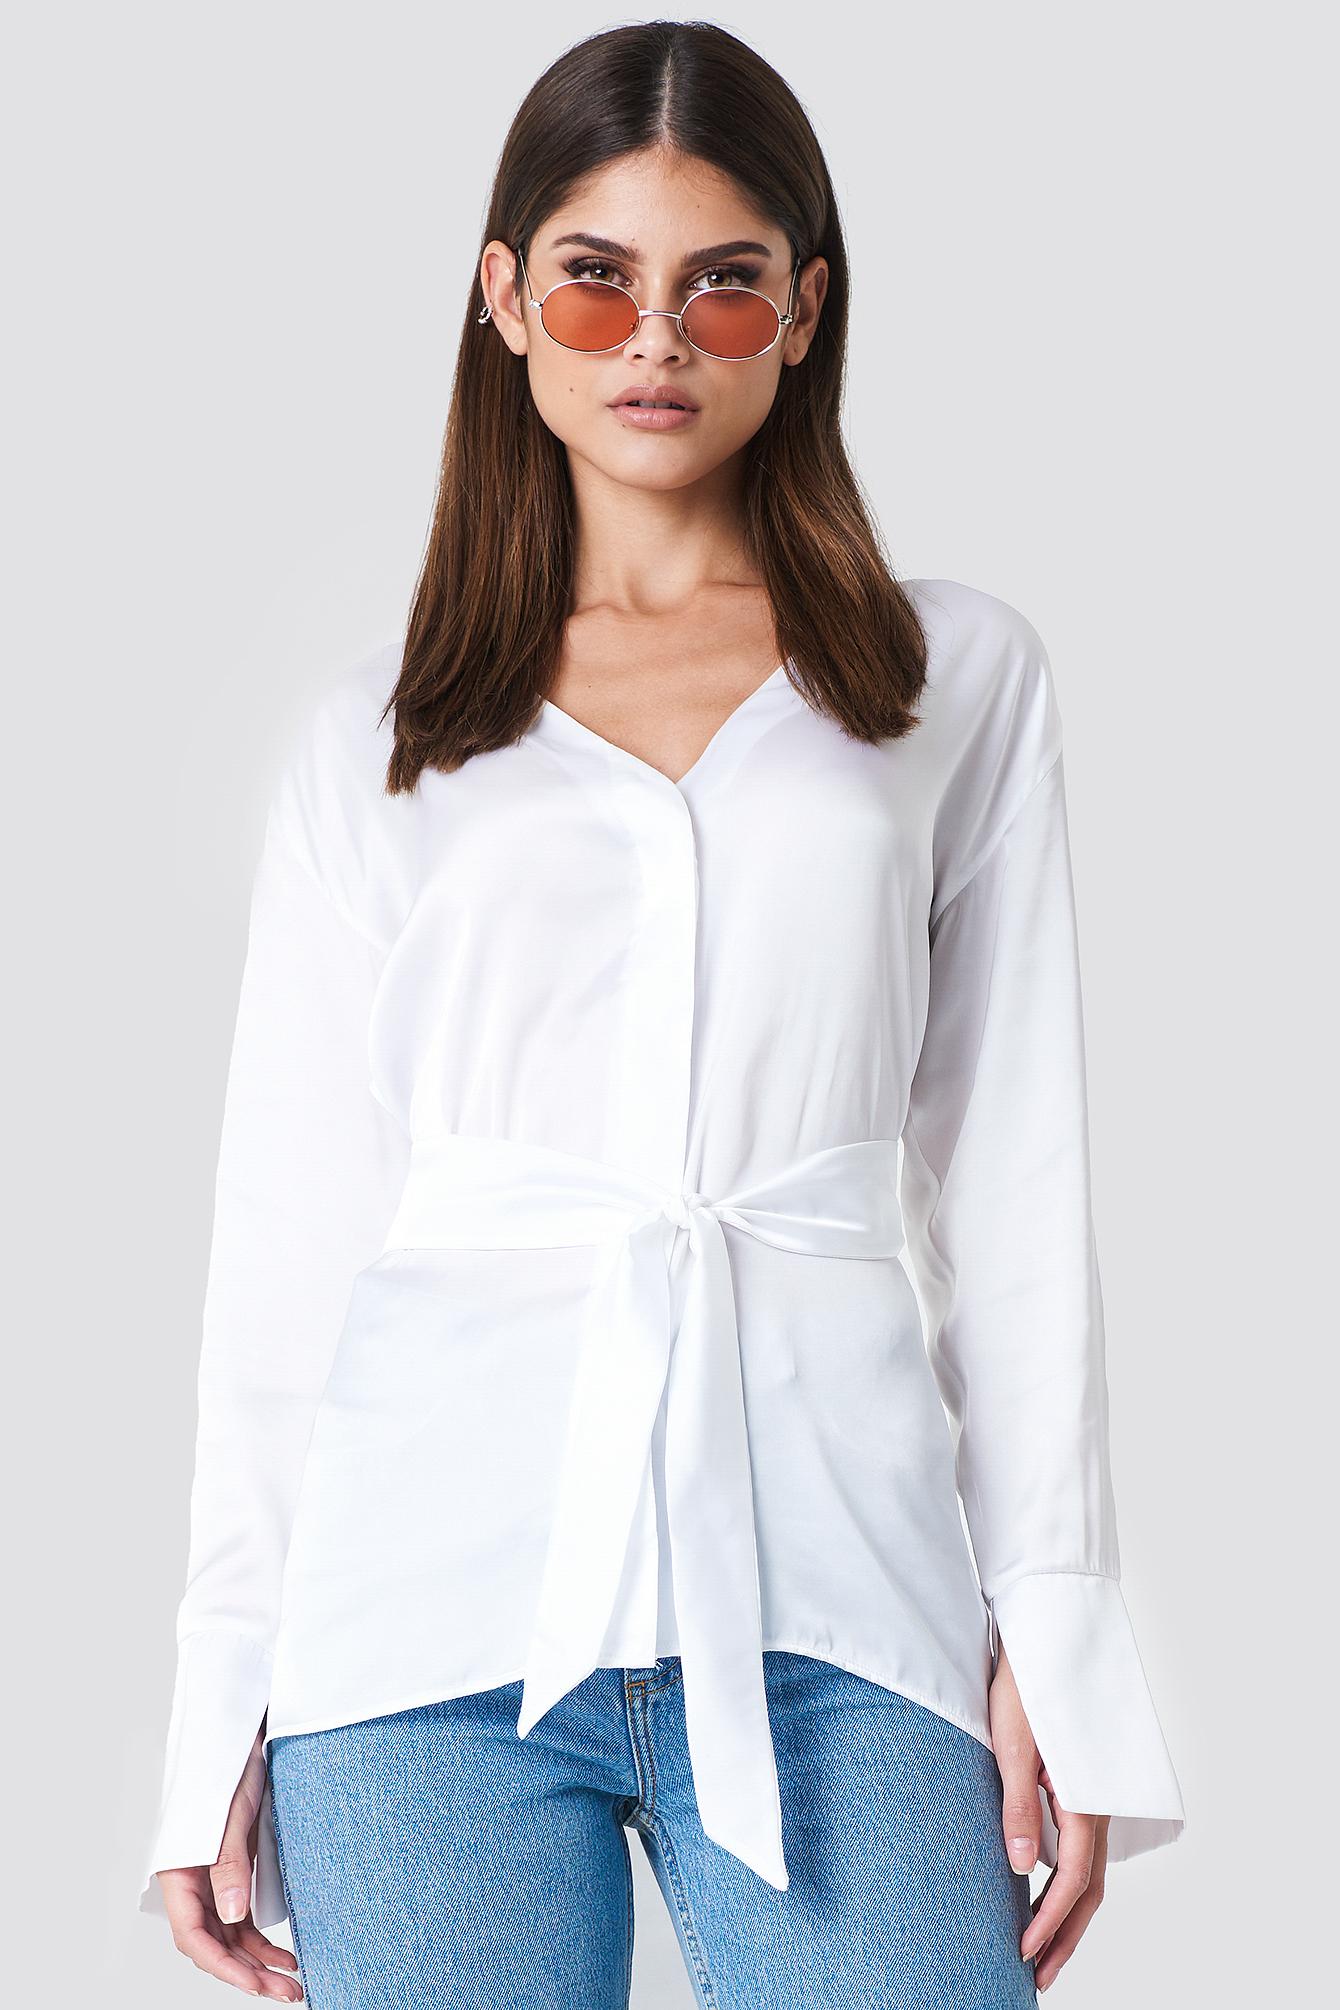 SAHARA RAY X NA-KD Oversized Satin Knot Shirt - White